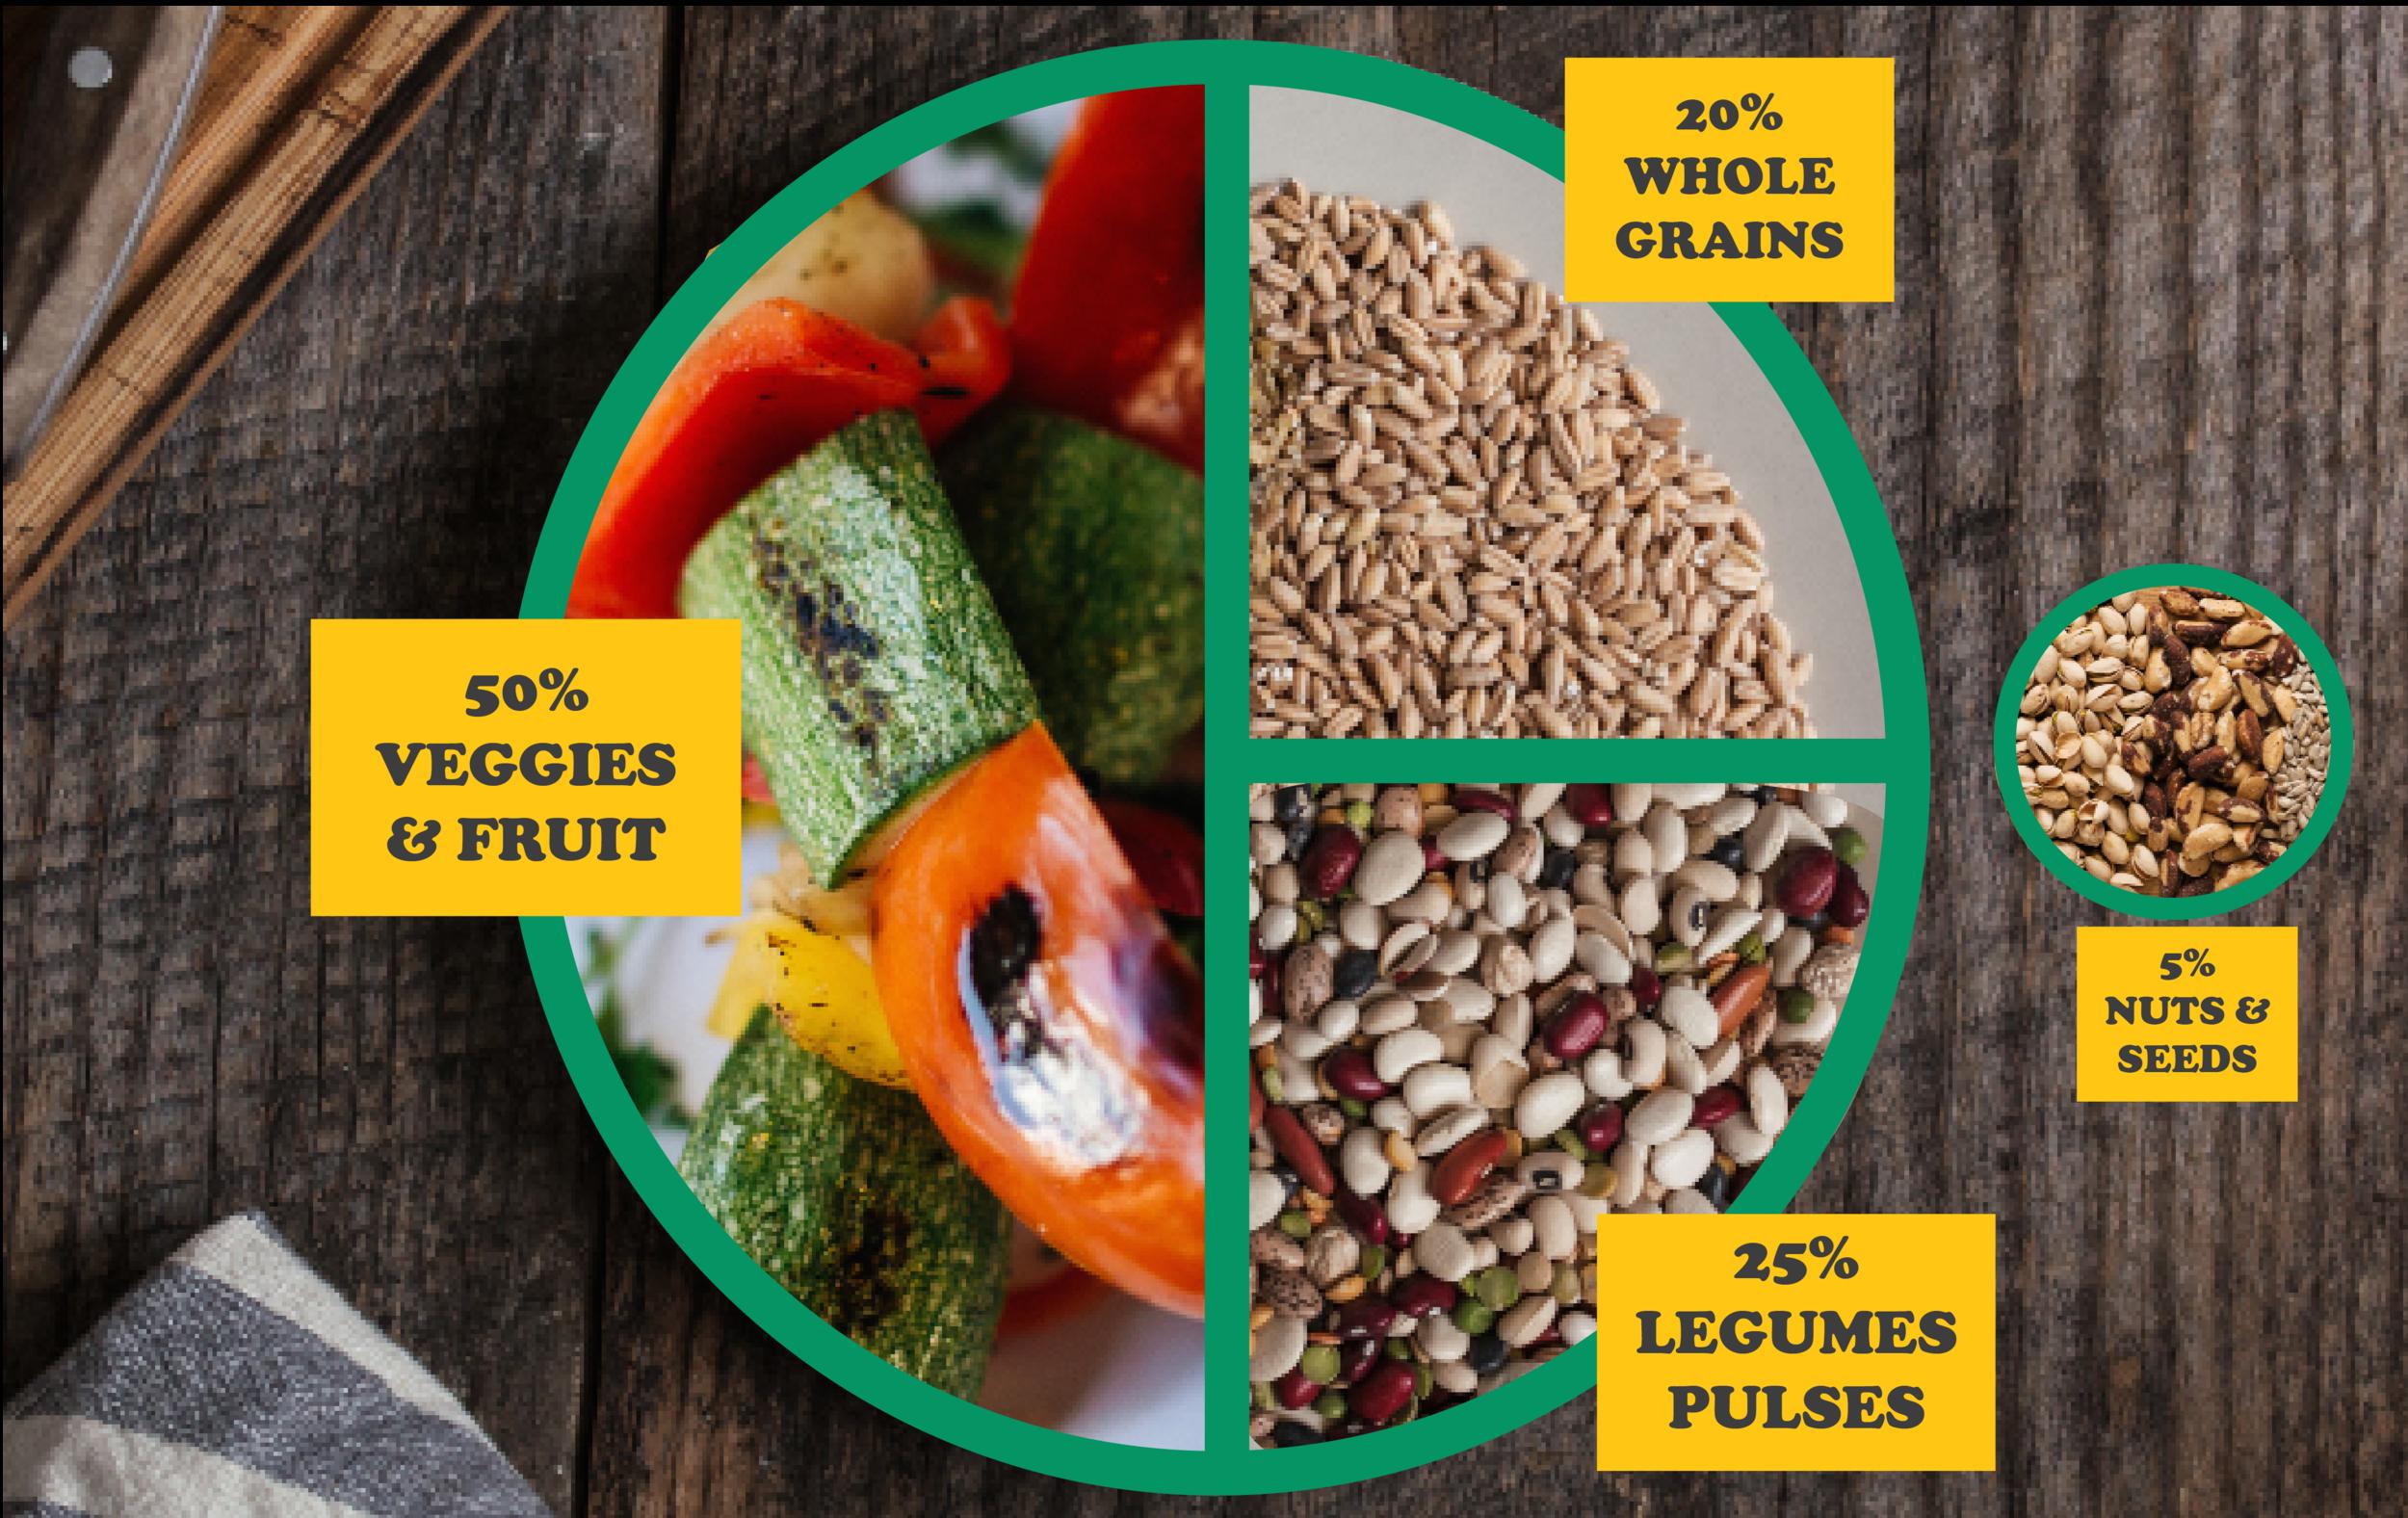 كيف تحضر وجبة أساسية نباتية صحية بالكامل ومتوازنة Vegetarian Diet Recipes Whole Food Recipes Vegan Grocery